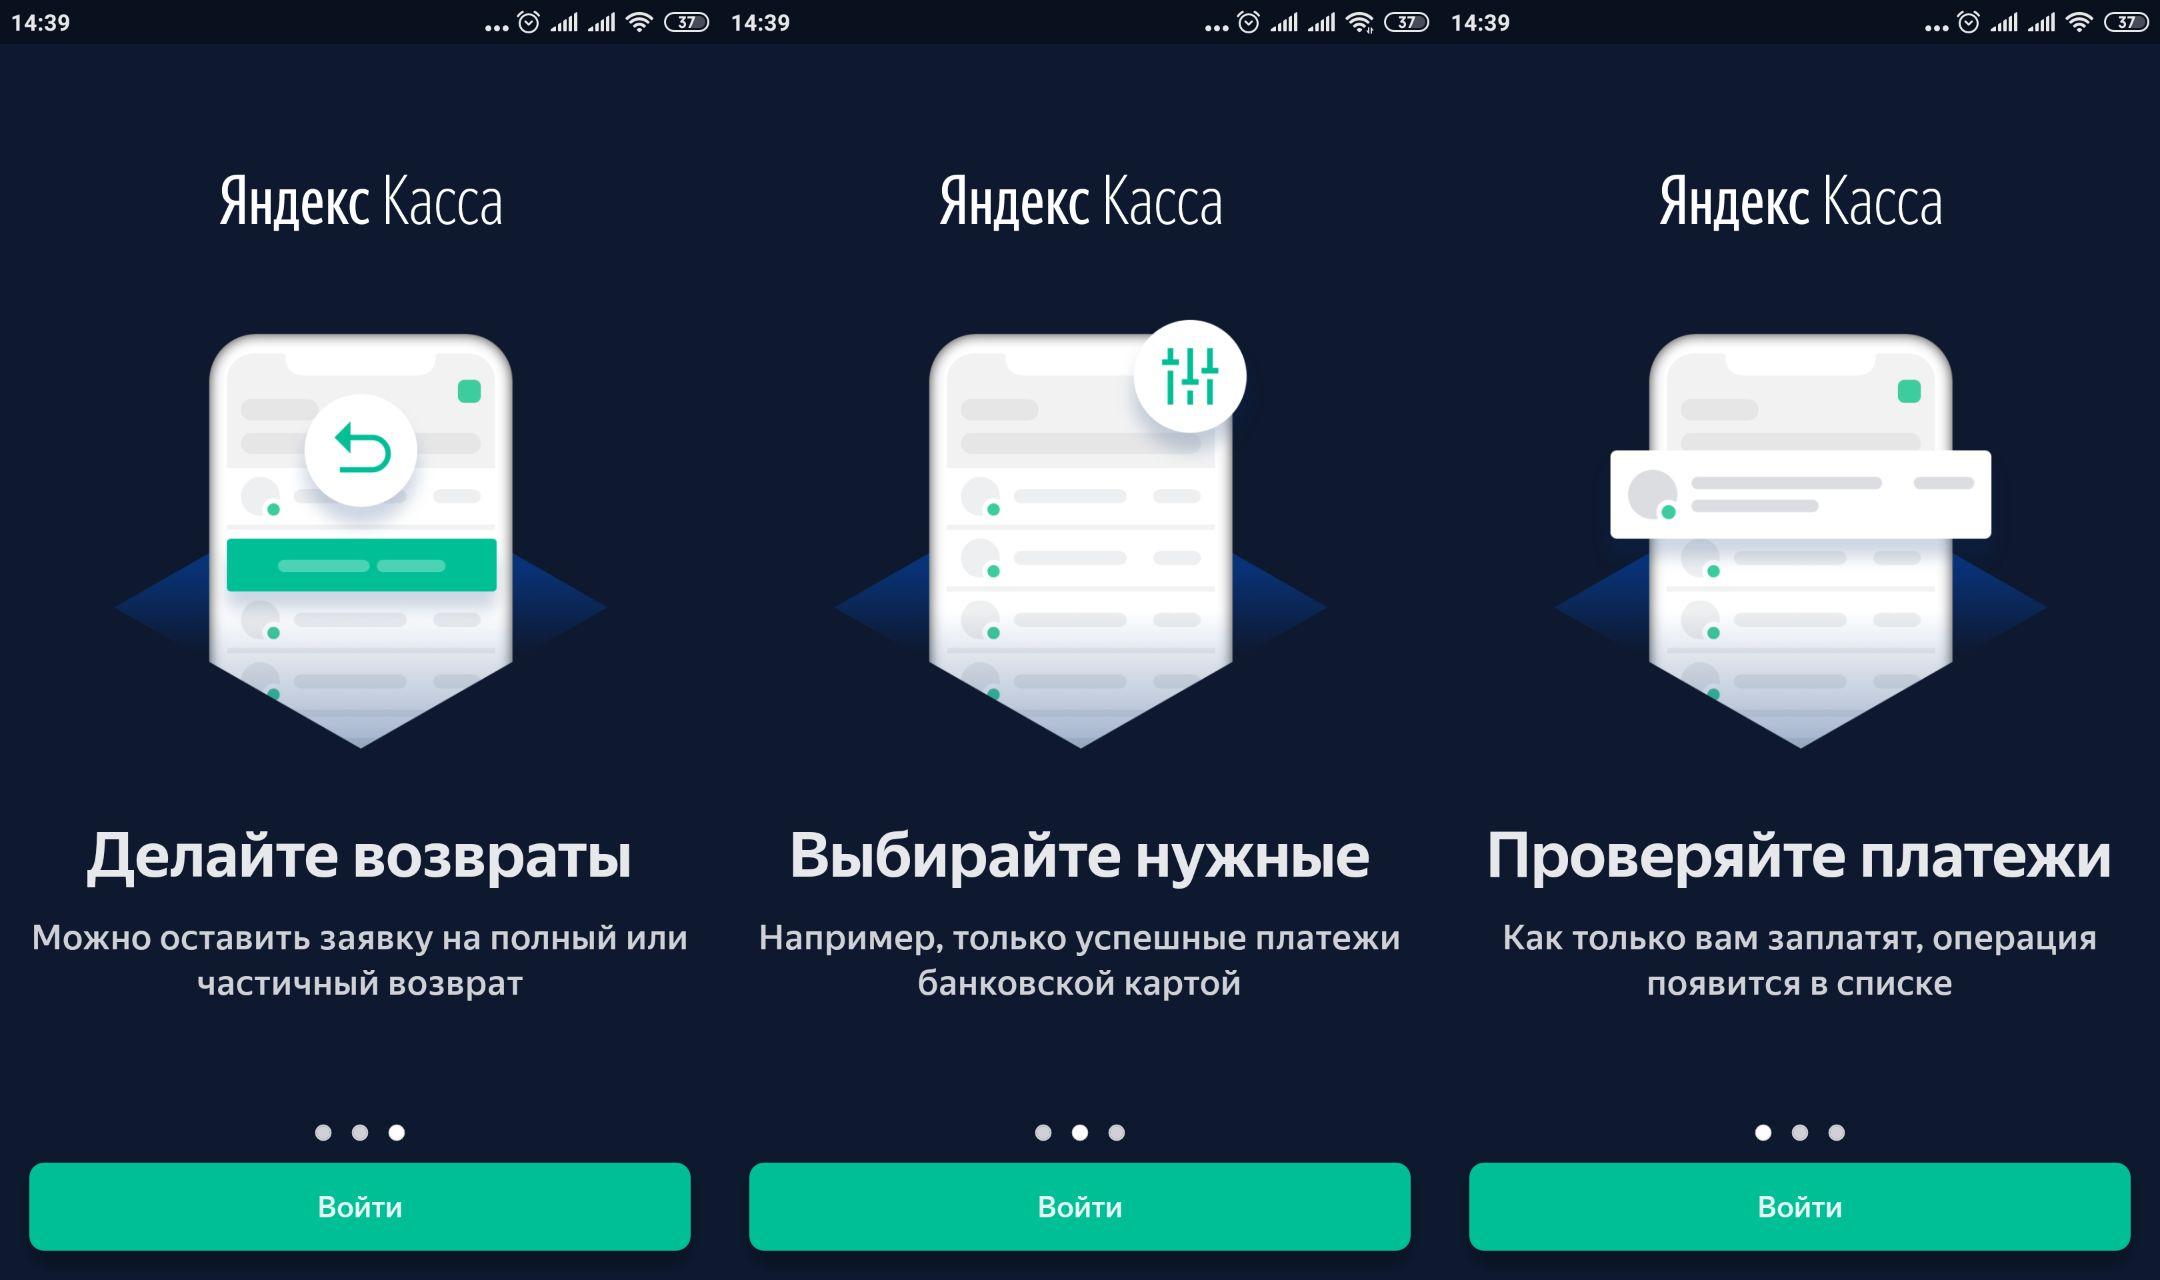 У «Яндекс.Кассы» появилось мобильное приложение